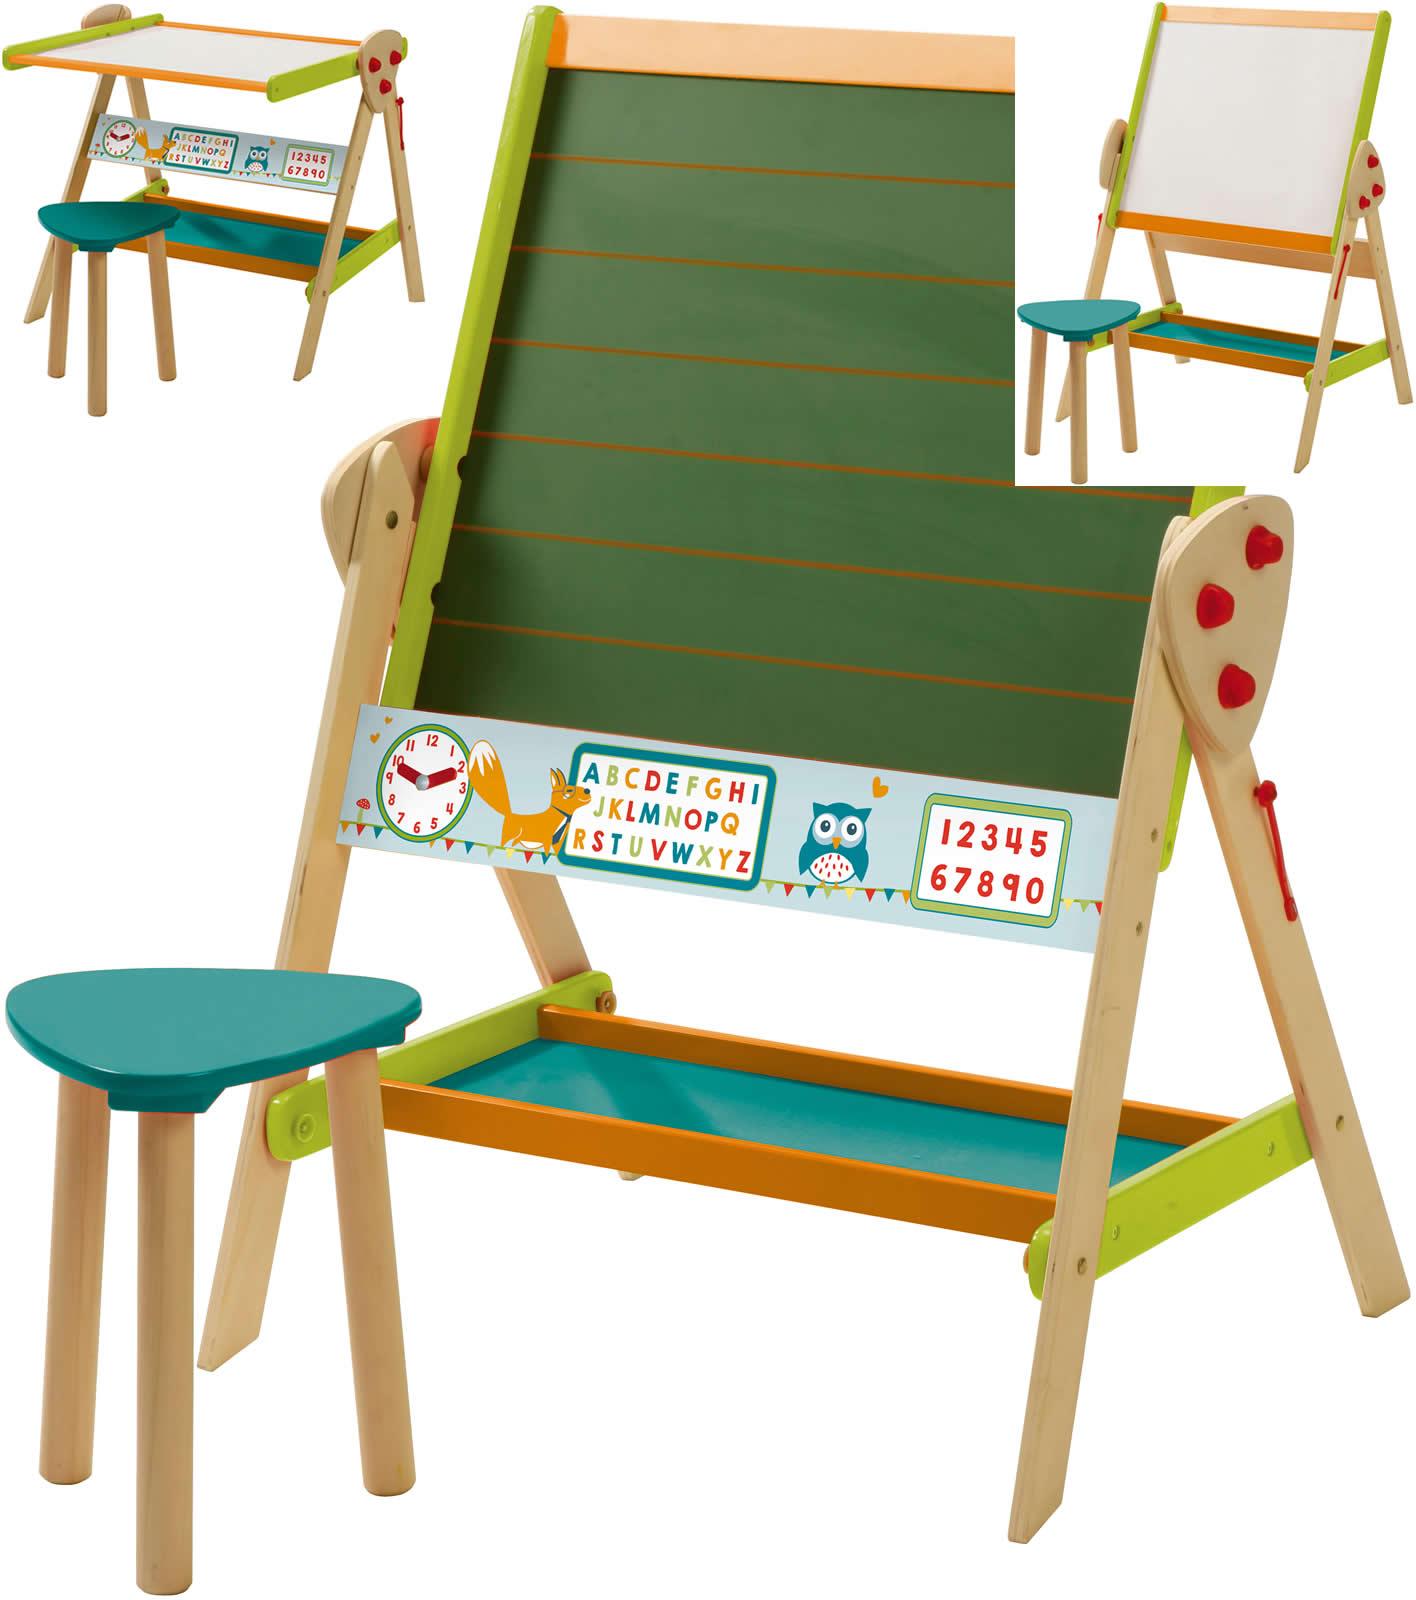 magnettafel kinder swalif. Black Bedroom Furniture Sets. Home Design Ideas